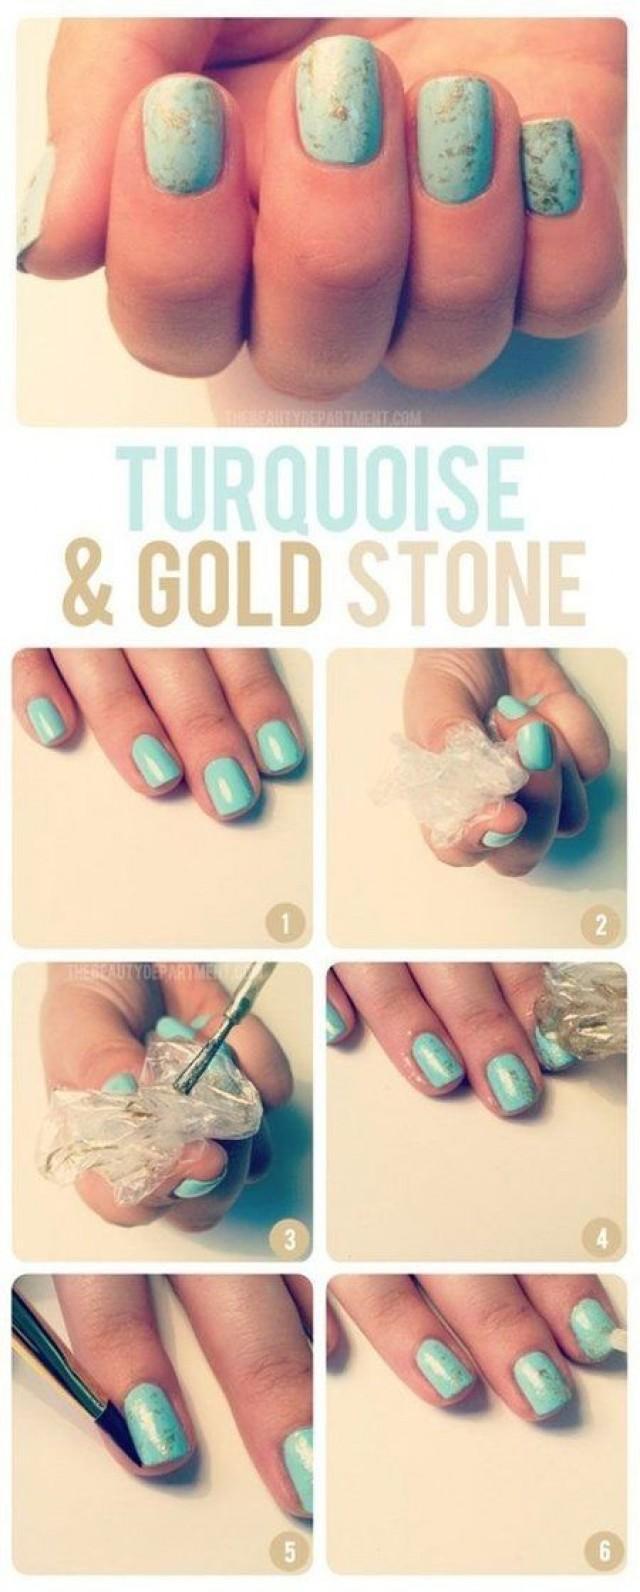 Идеи для дизайна ногтей новые своими руками